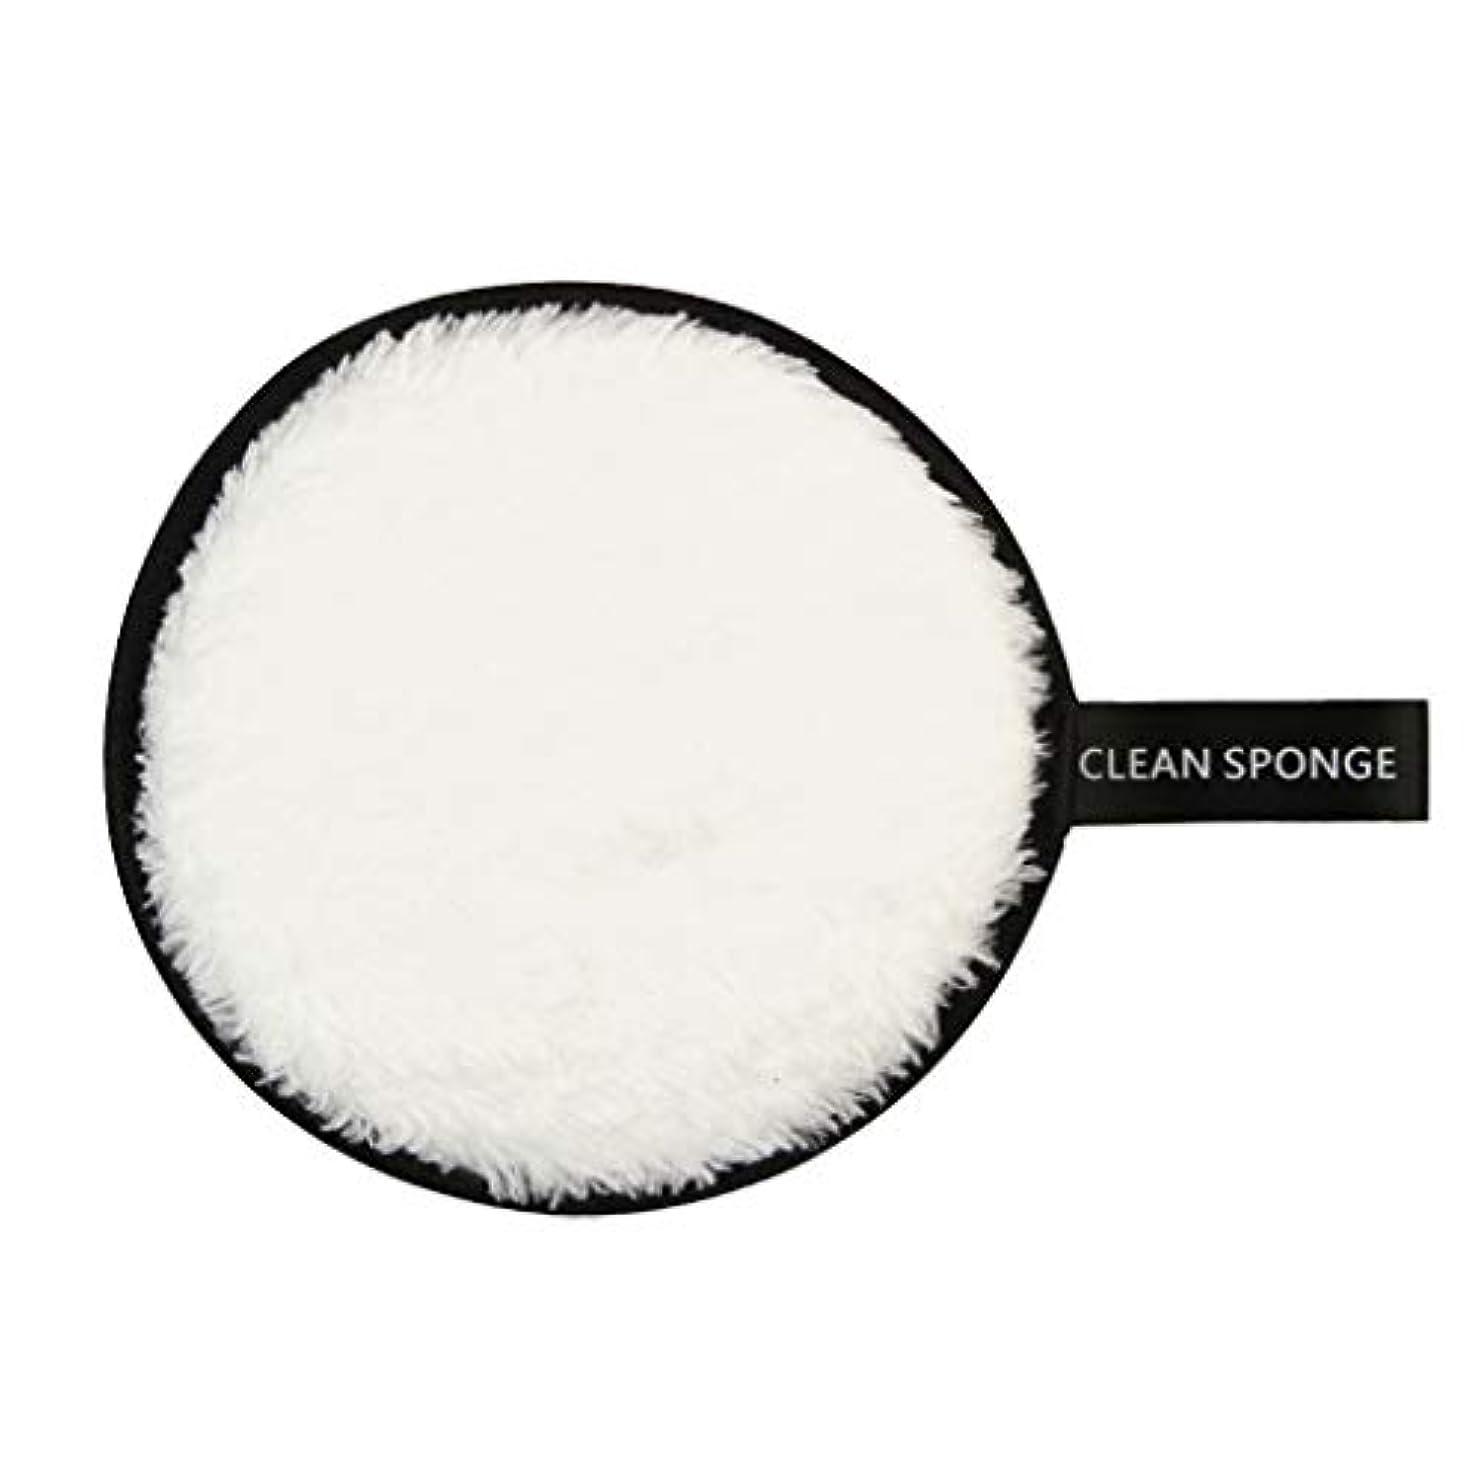 年ブラインド安定したB Blesiya メイク落としパッド 再利用可能 メイク落としスポンジ 洗顔パッド 全6色 - 白